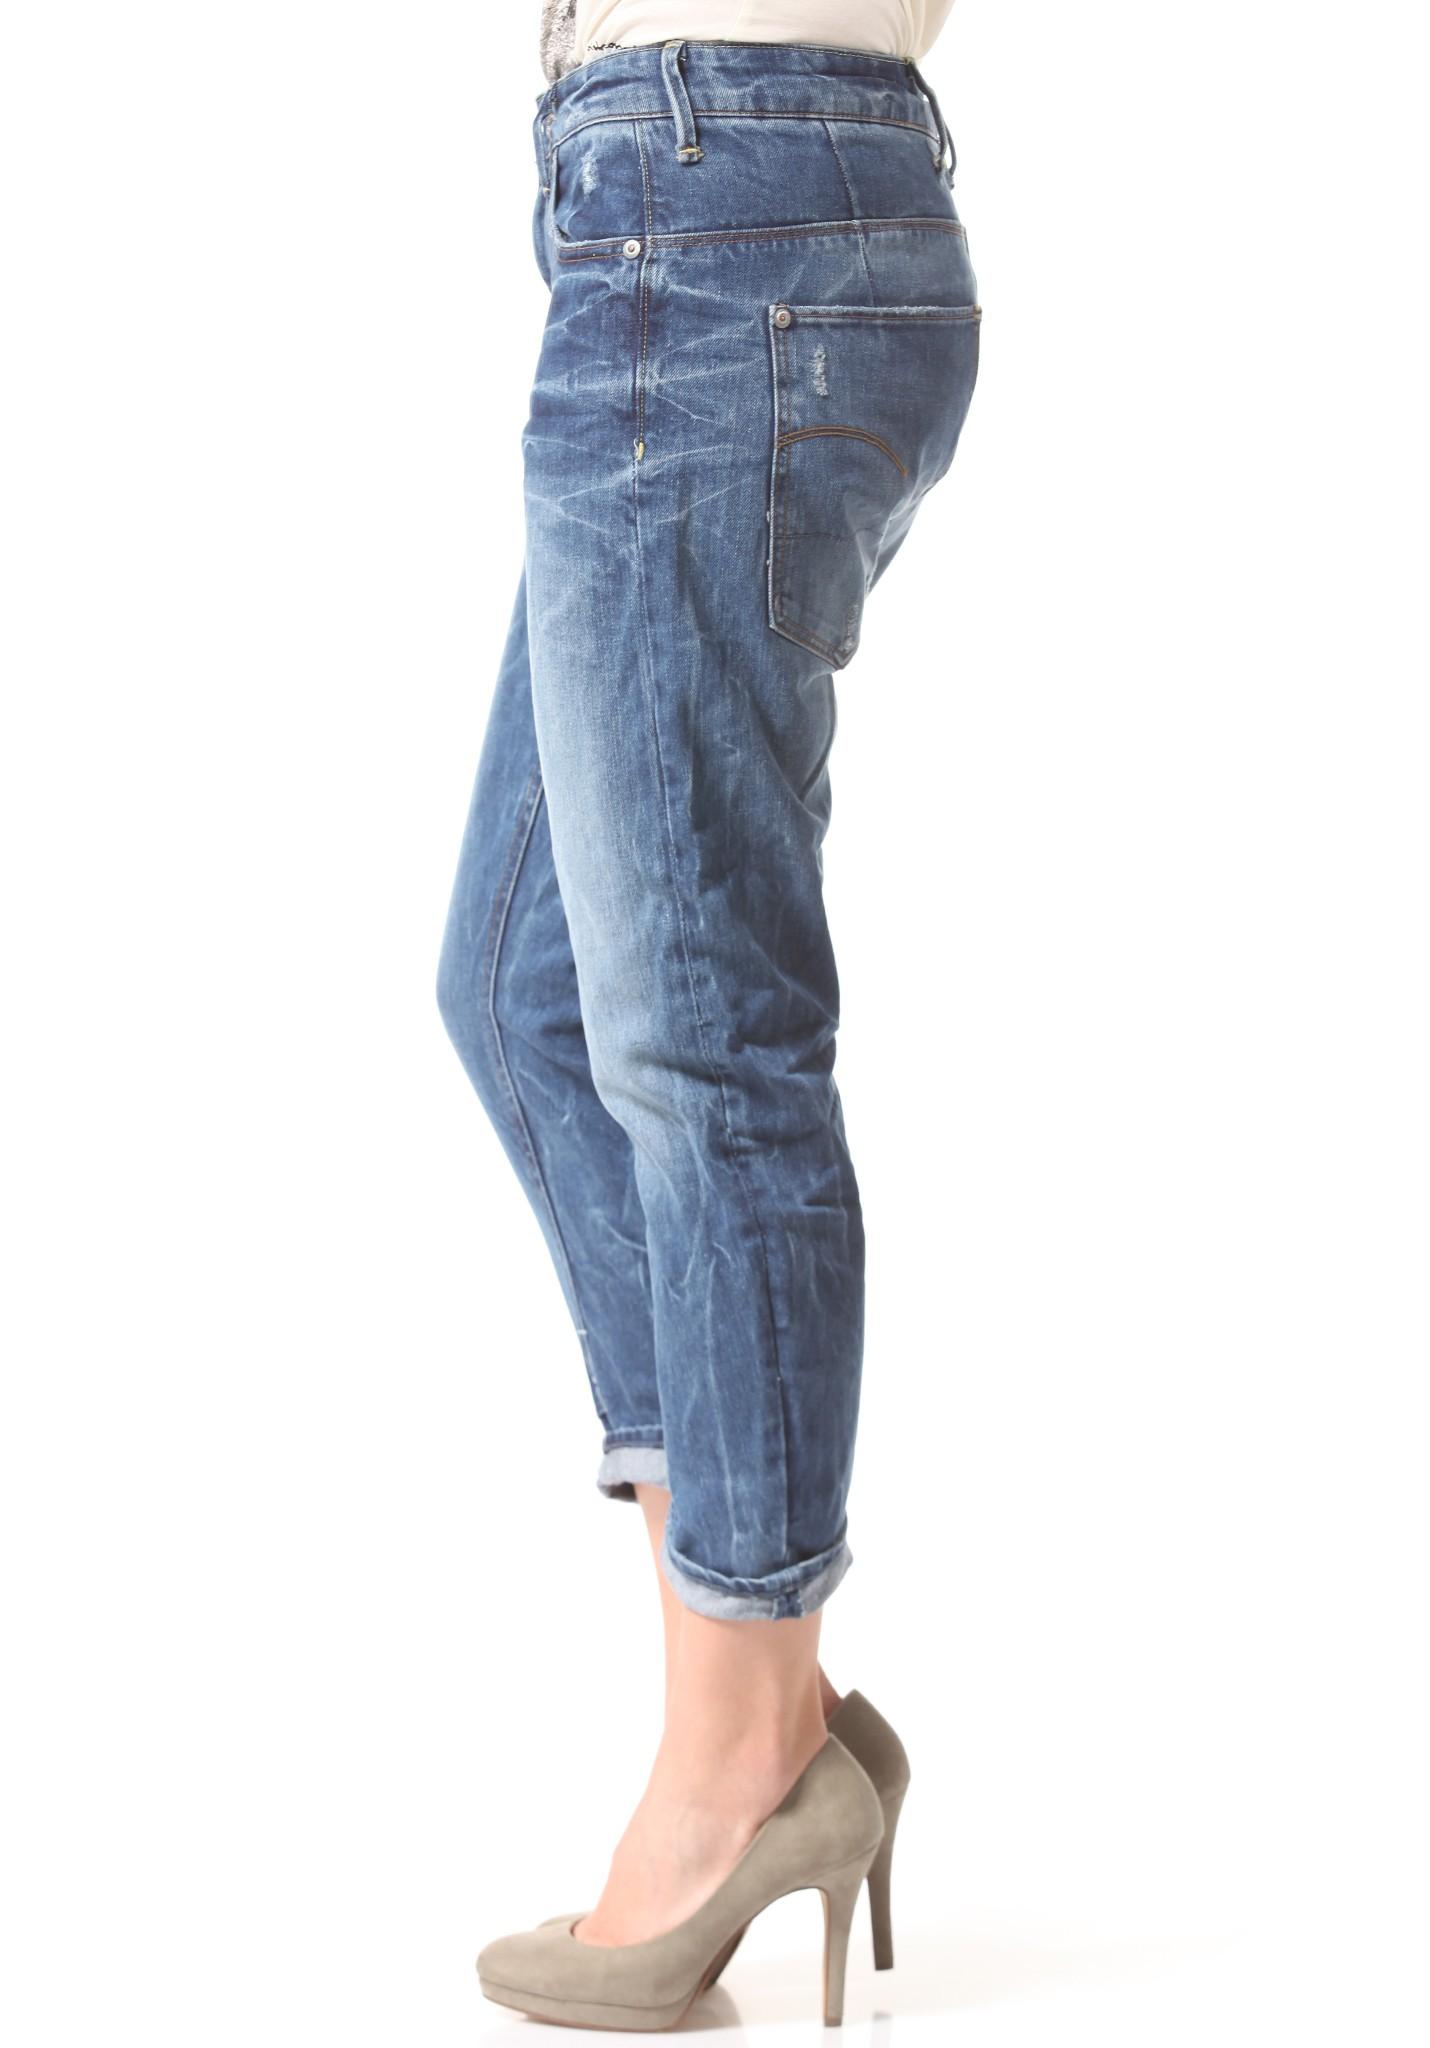 neu g star type c 3d loose tapered damen jeans hose ebay. Black Bedroom Furniture Sets. Home Design Ideas